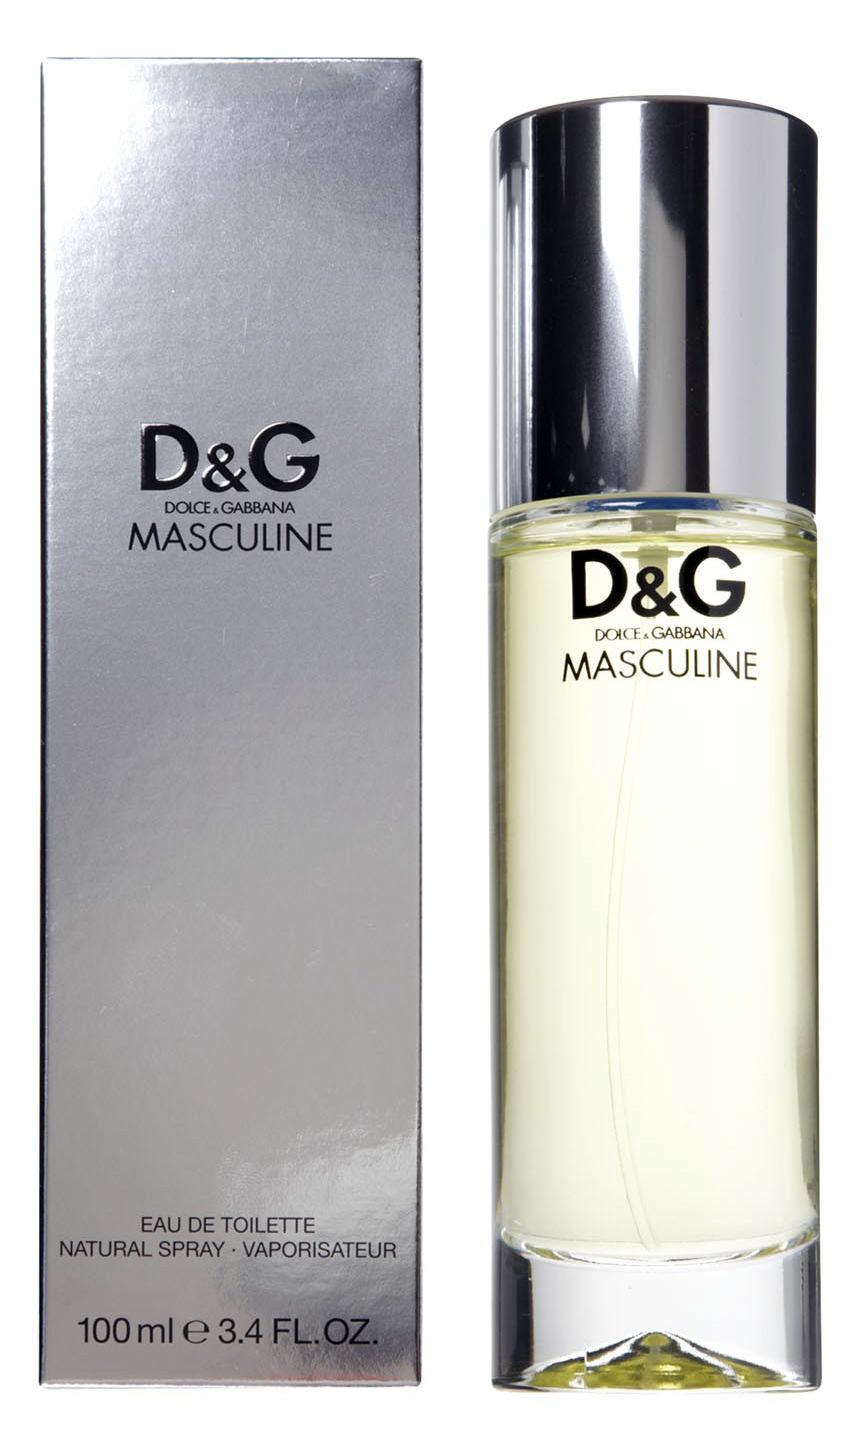 Dolce & Gabbana - D&G Masculine Eau de Toilette - Parfumo